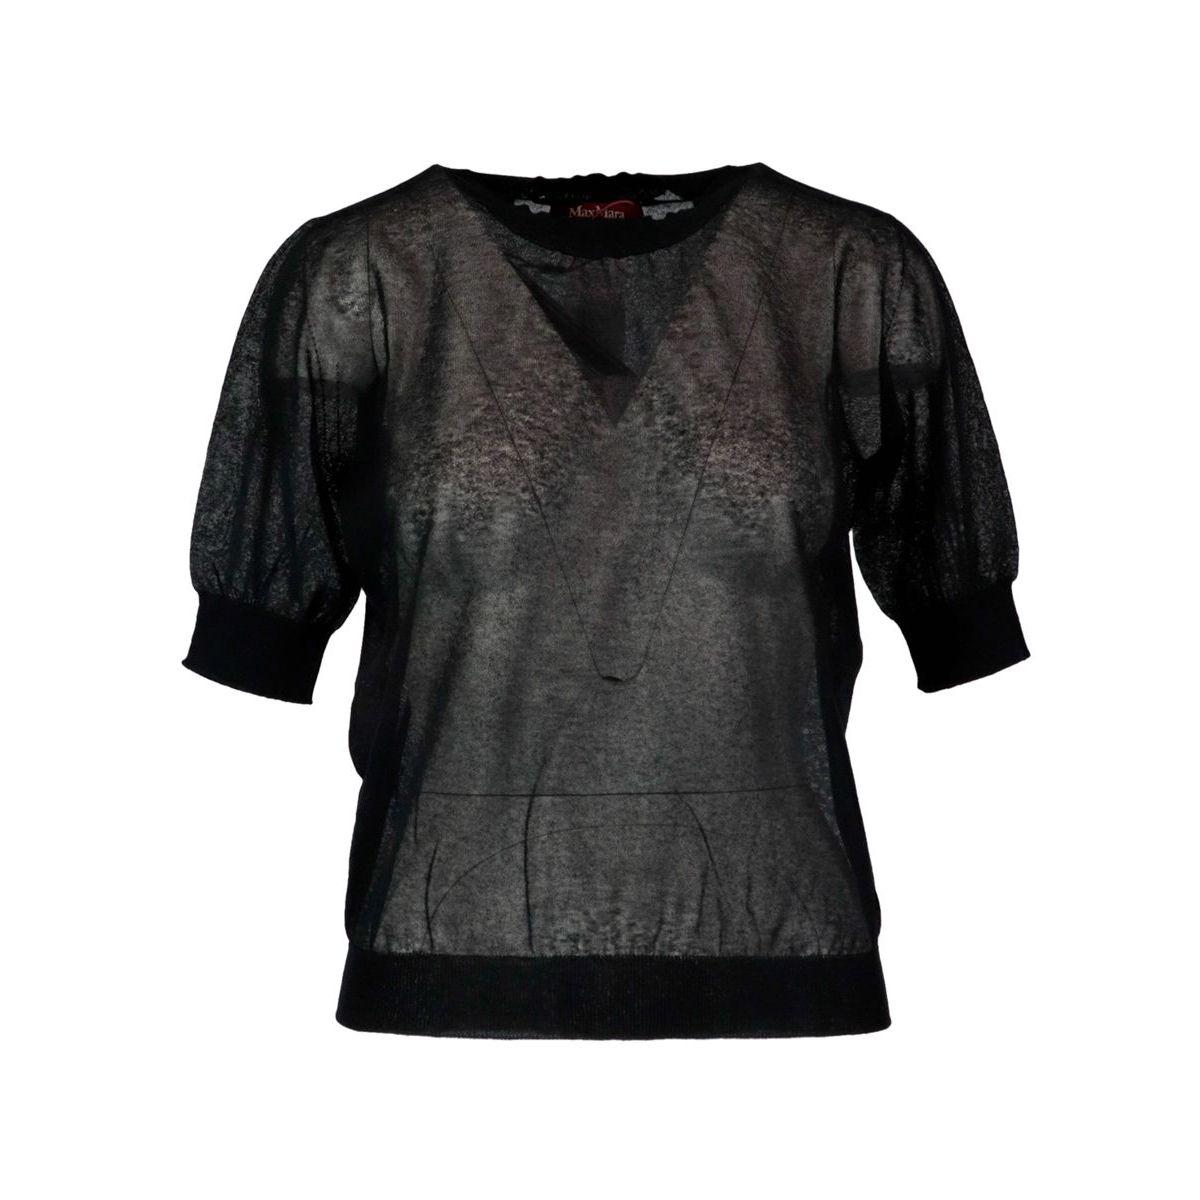 Arca cotton blend sweater with round neckline Black MAX MARA STUDIO